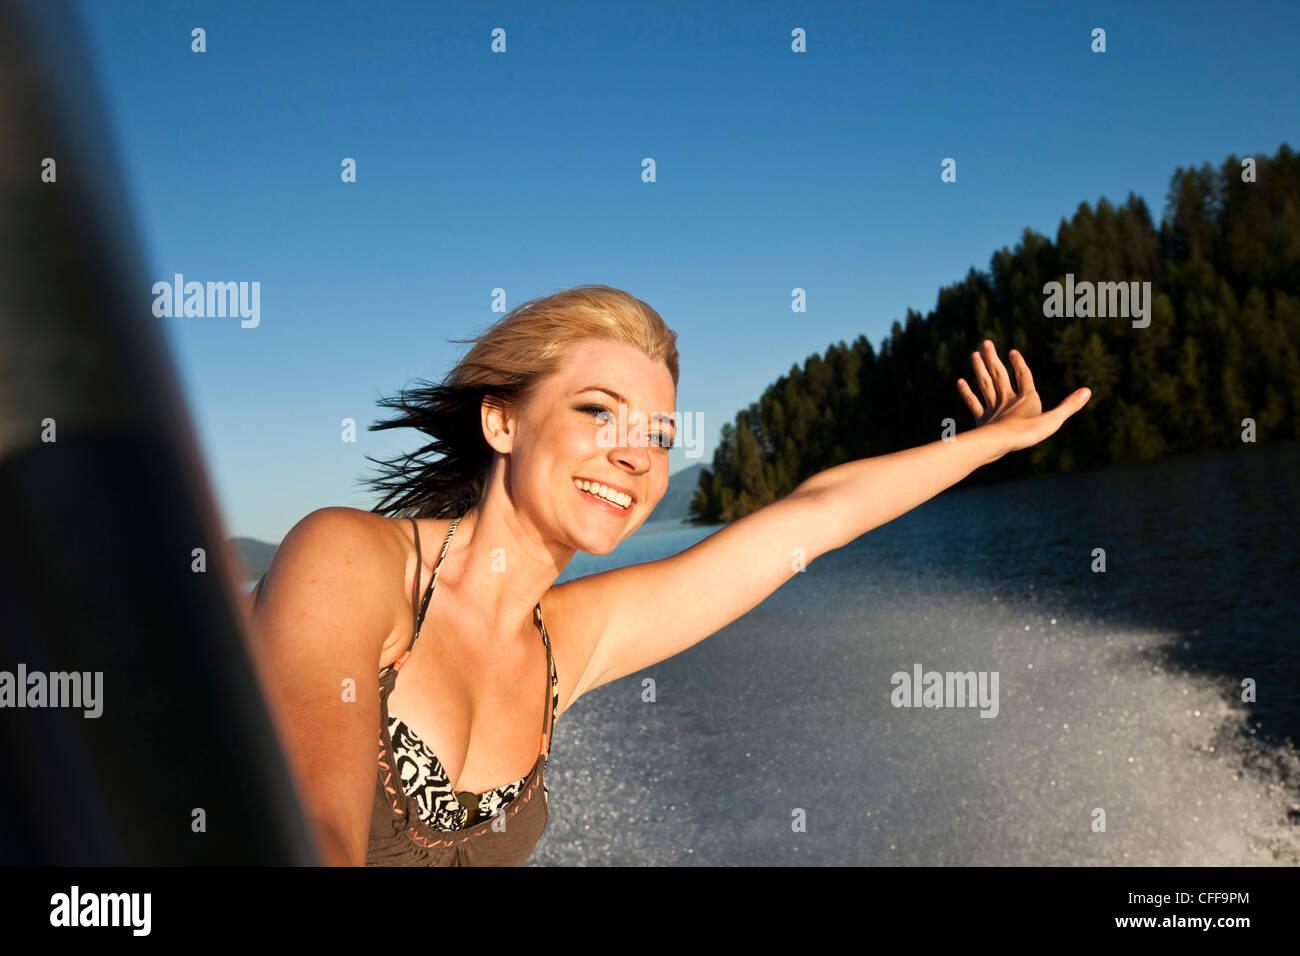 Una joven y bella mujer sonriendo y sosteniendo su mano al atardecer en un barco wakeboard en Idaho. Imagen De Stock